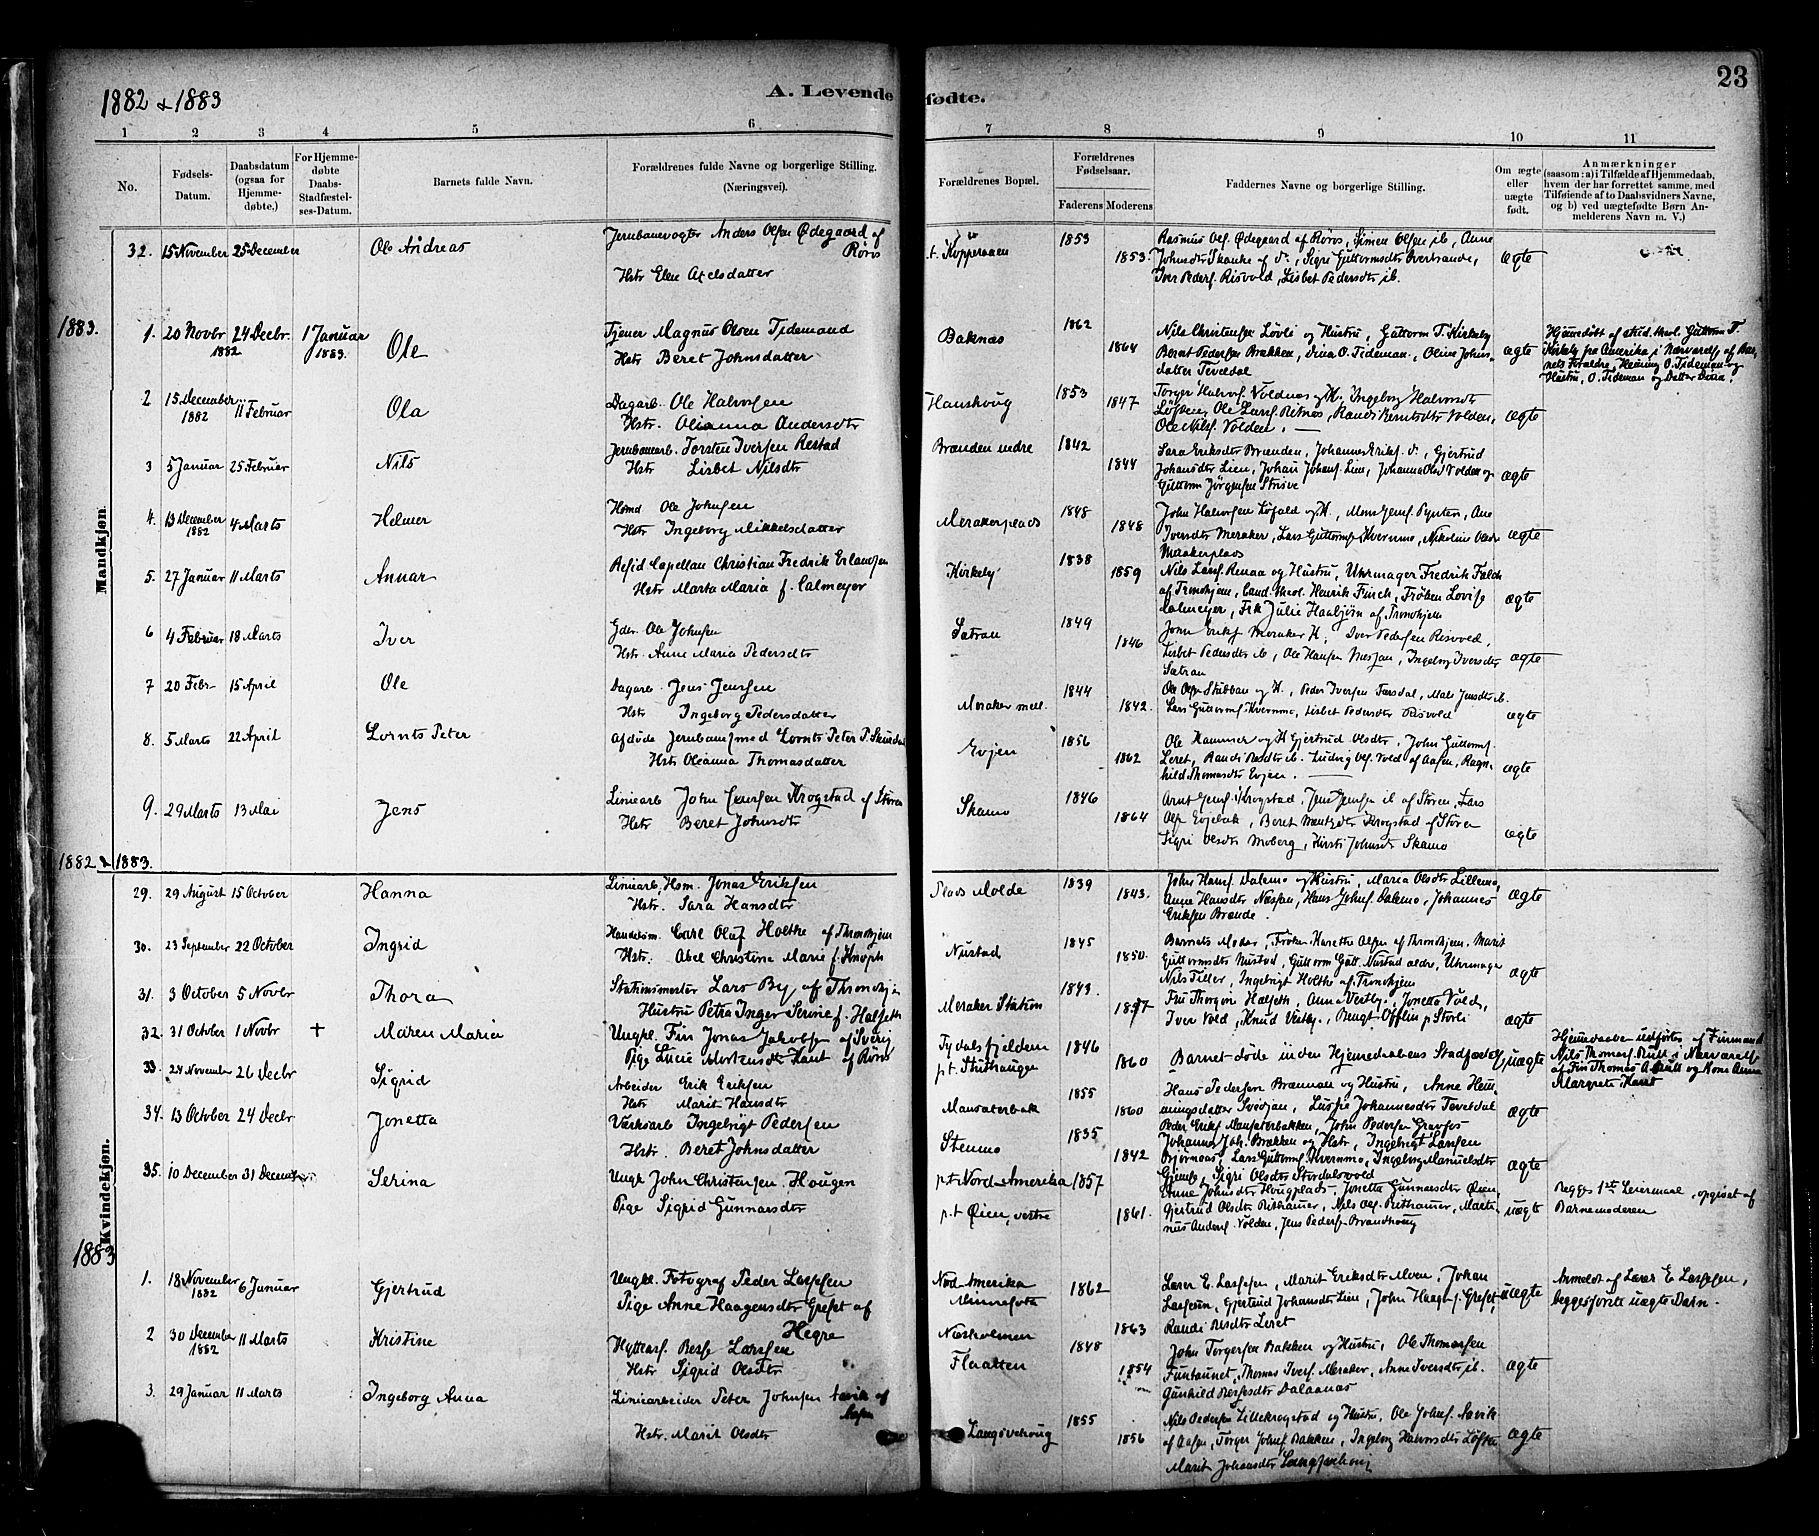 SAT, Ministerialprotokoller, klokkerbøker og fødselsregistre - Nord-Trøndelag, 706/L0047: Ministerialbok nr. 706A03, 1878-1892, s. 23